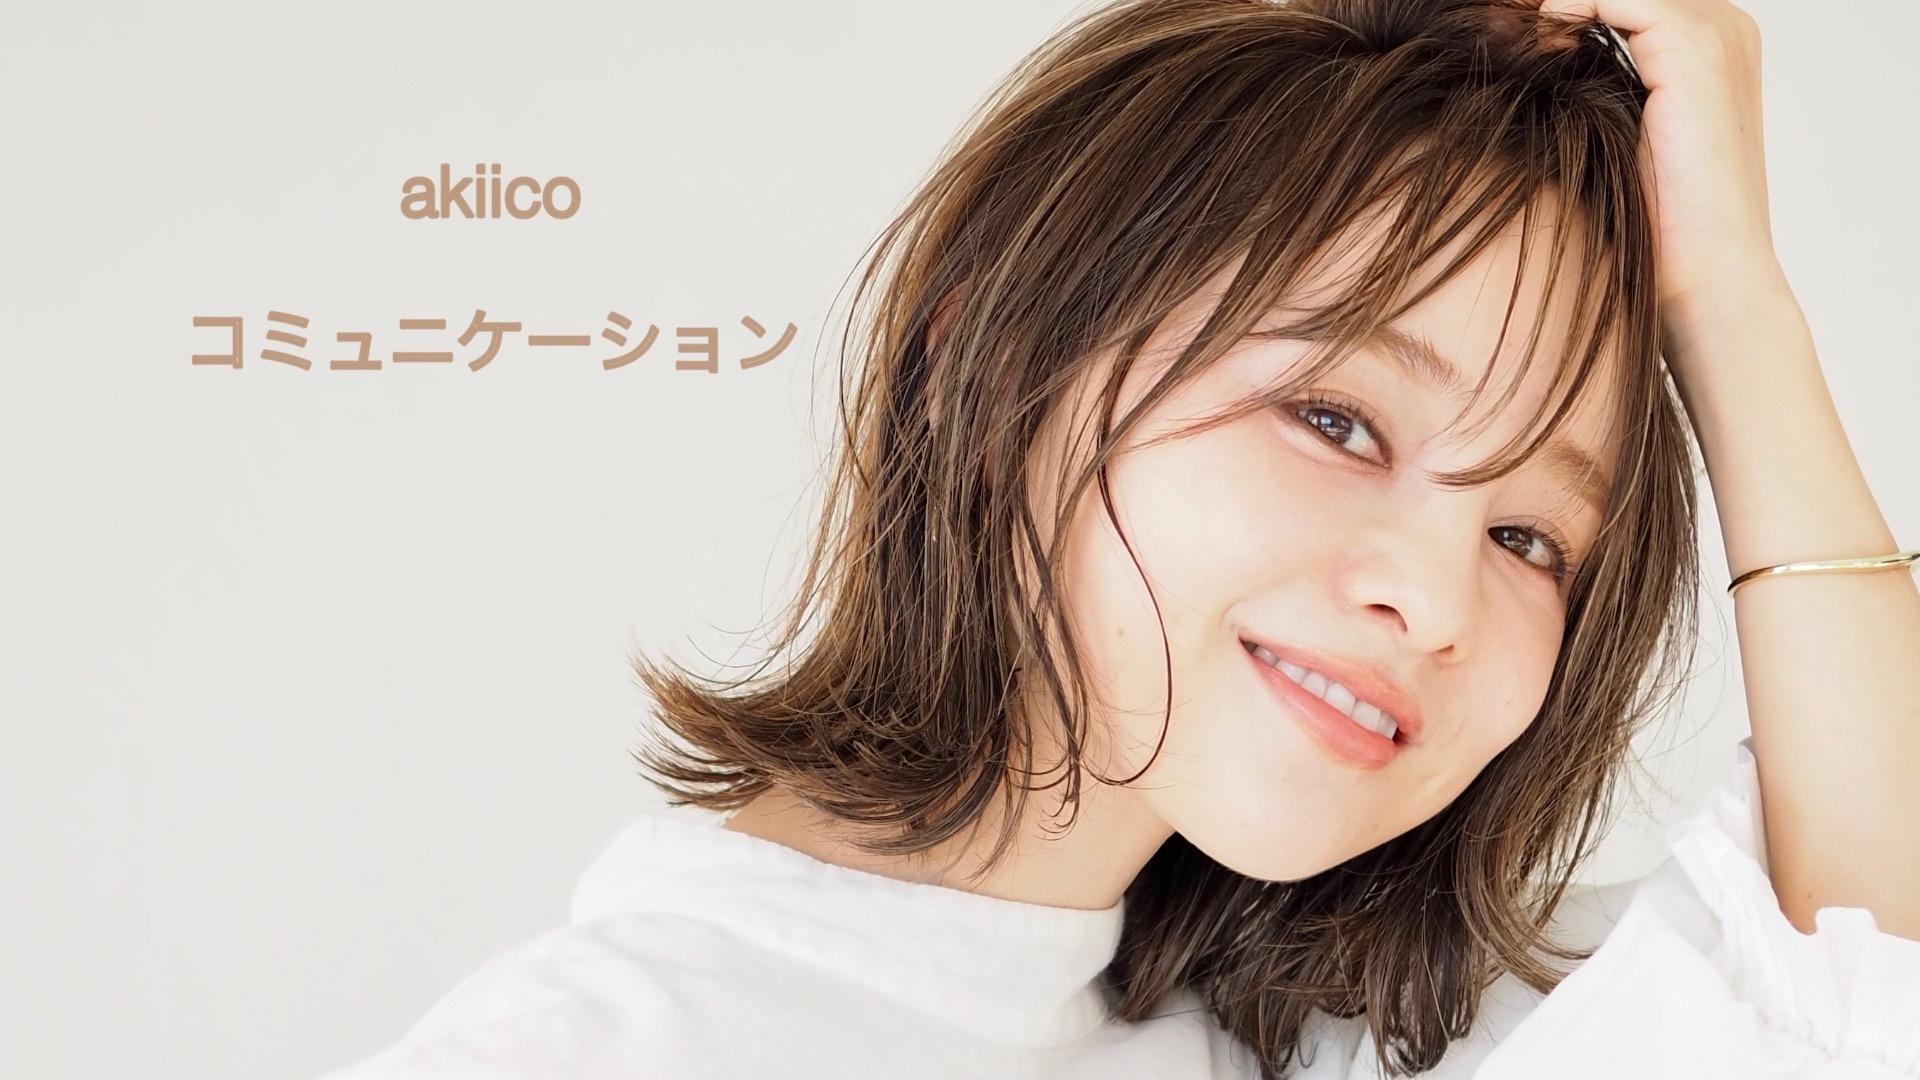 akiicoコミニュケーション【アキコとユウジ】